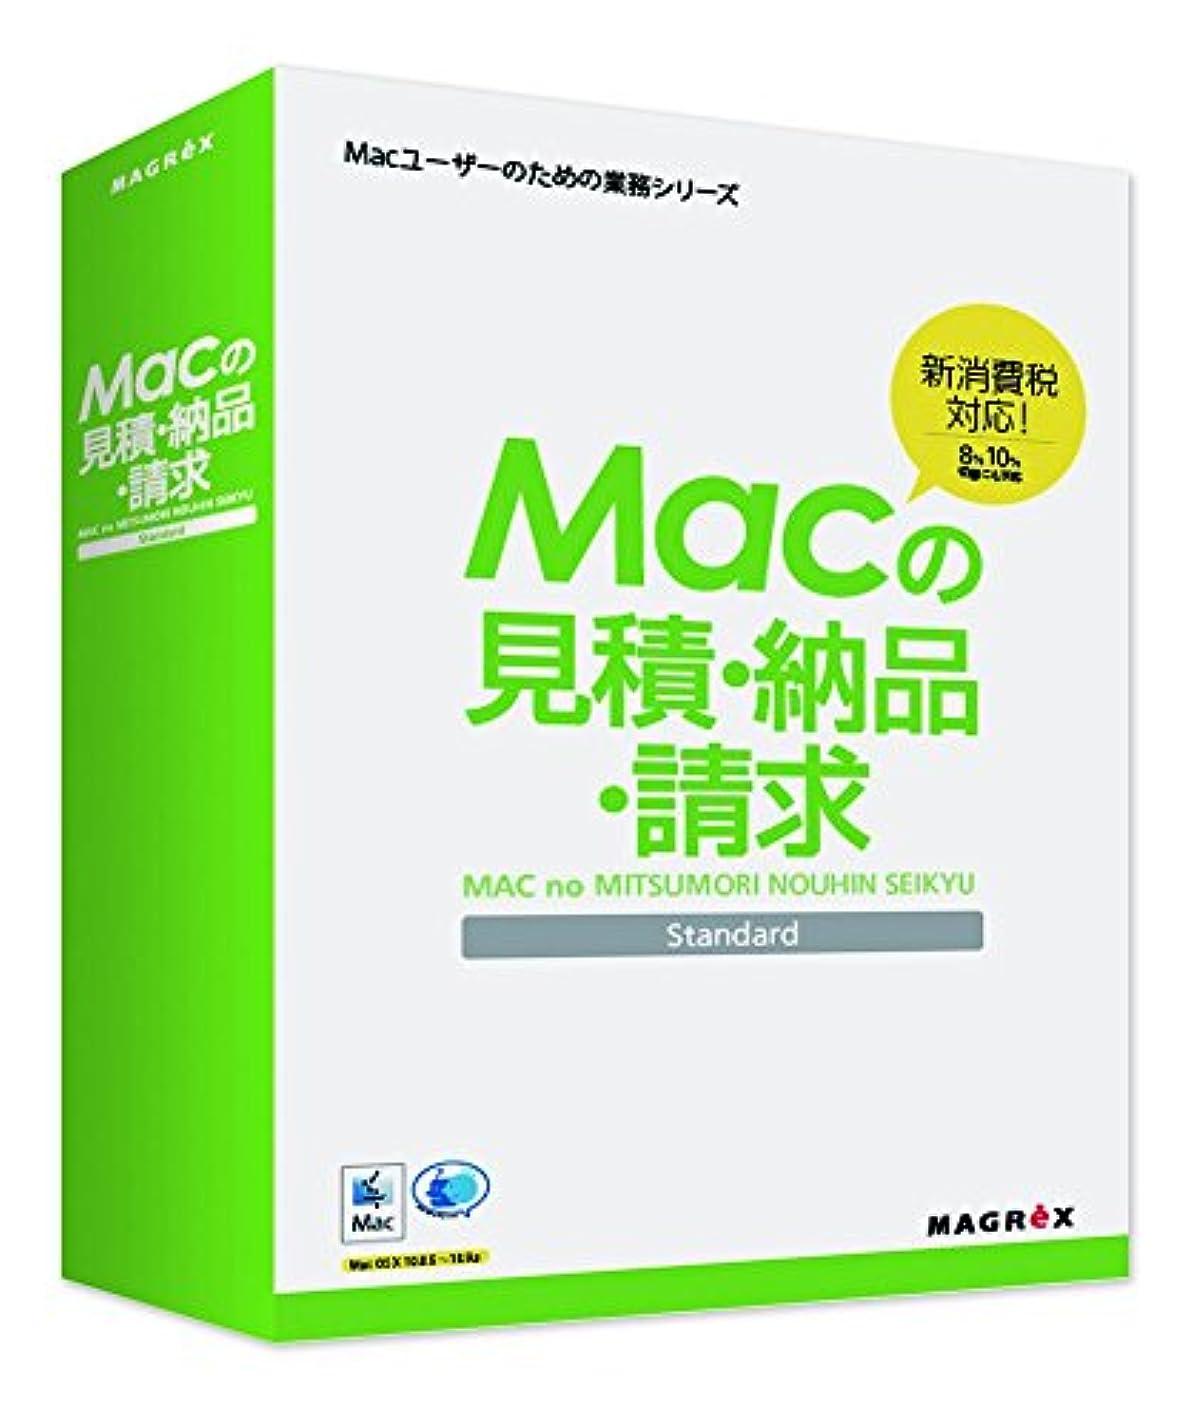 試用クライマックスペインティングMacの見積納品請求 Standard